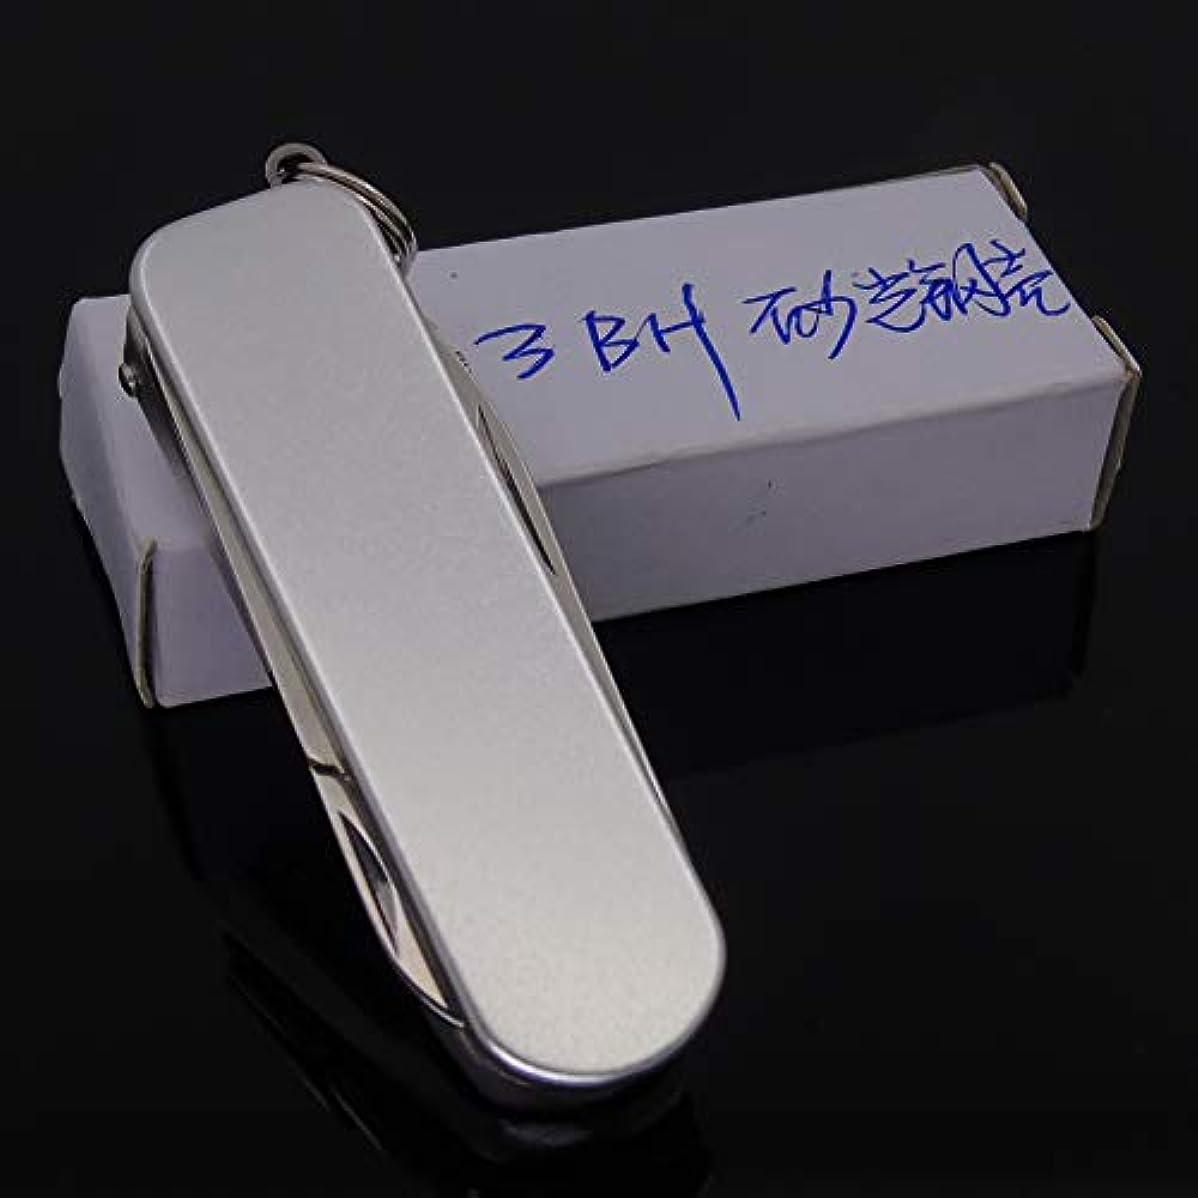 インタビュー貼り直す浸食爪切り多機能ギフト爪切り爪 3BHシルバー